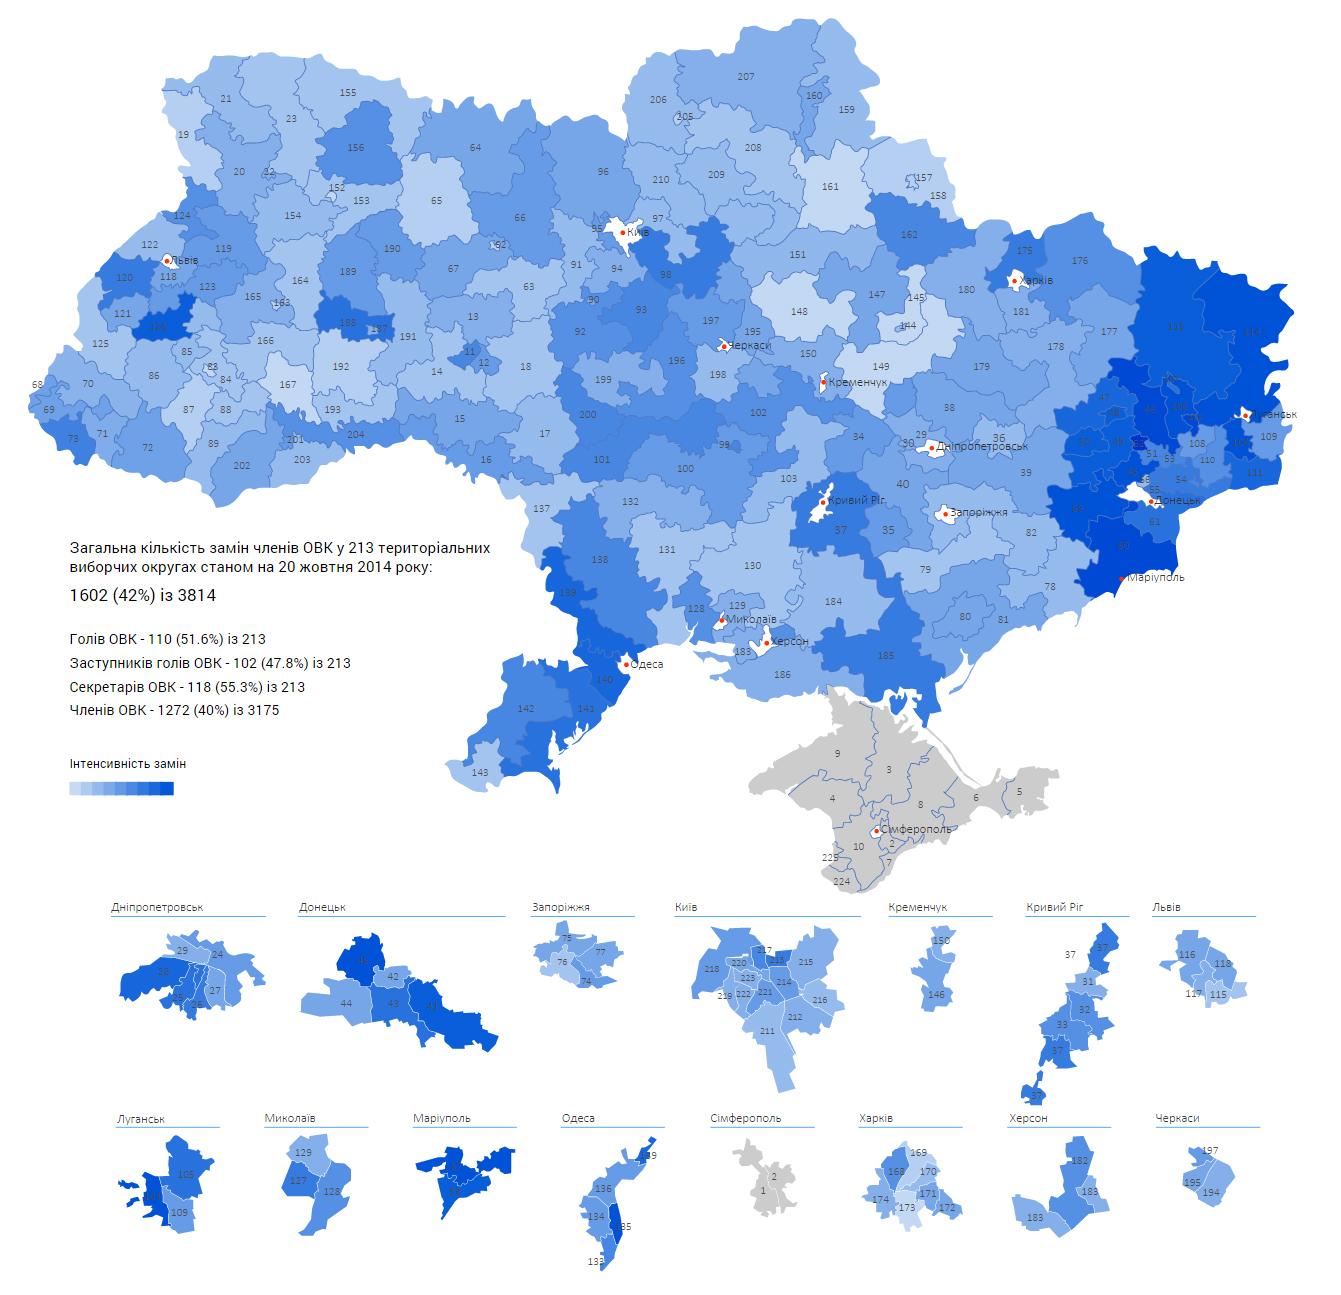 zaminu_map_2014-20-10